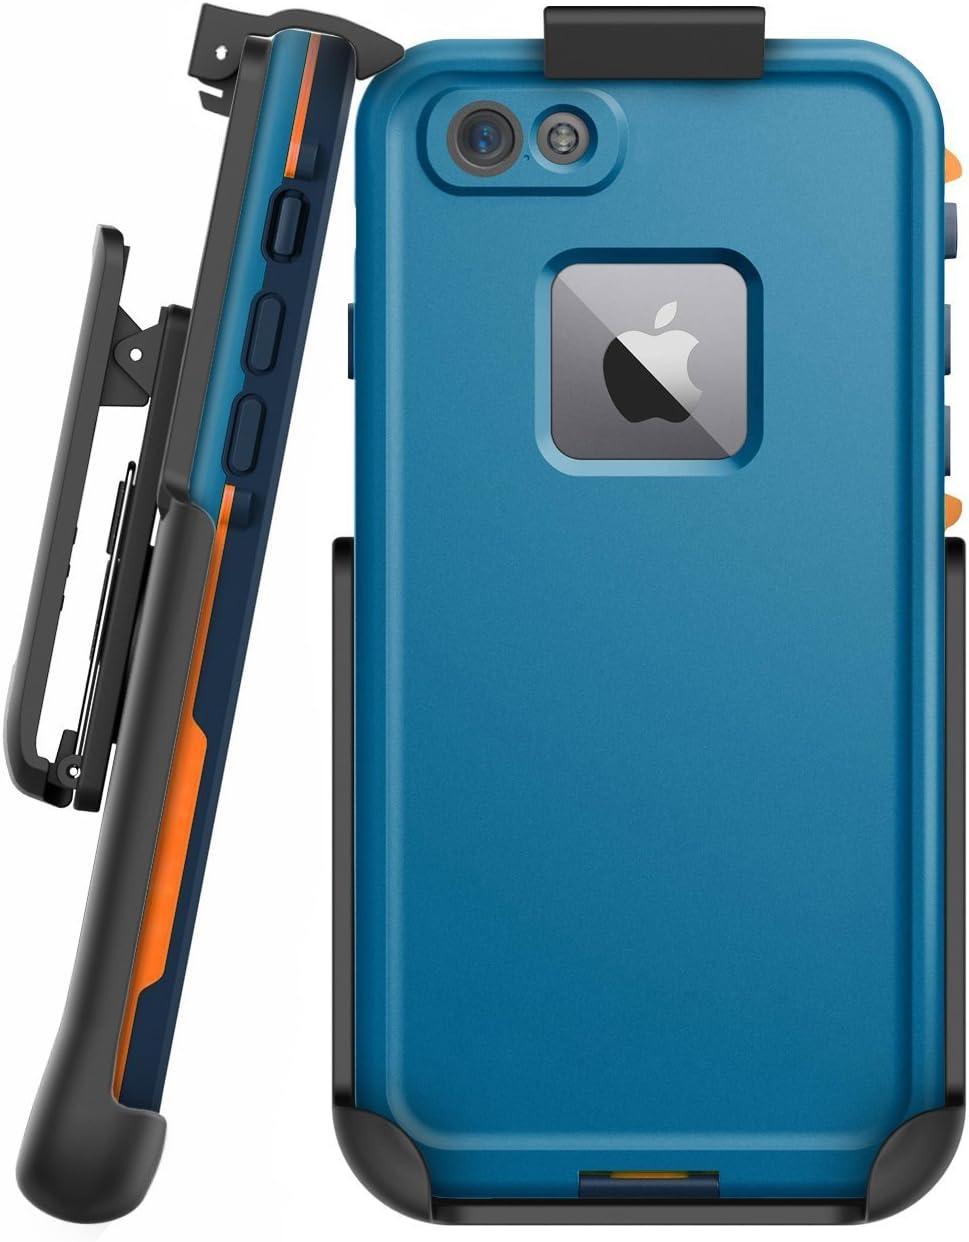 Encased Belt Clip Holster for LifeProof FRE Case - iPhone 7/8/SE 2020 (4.7